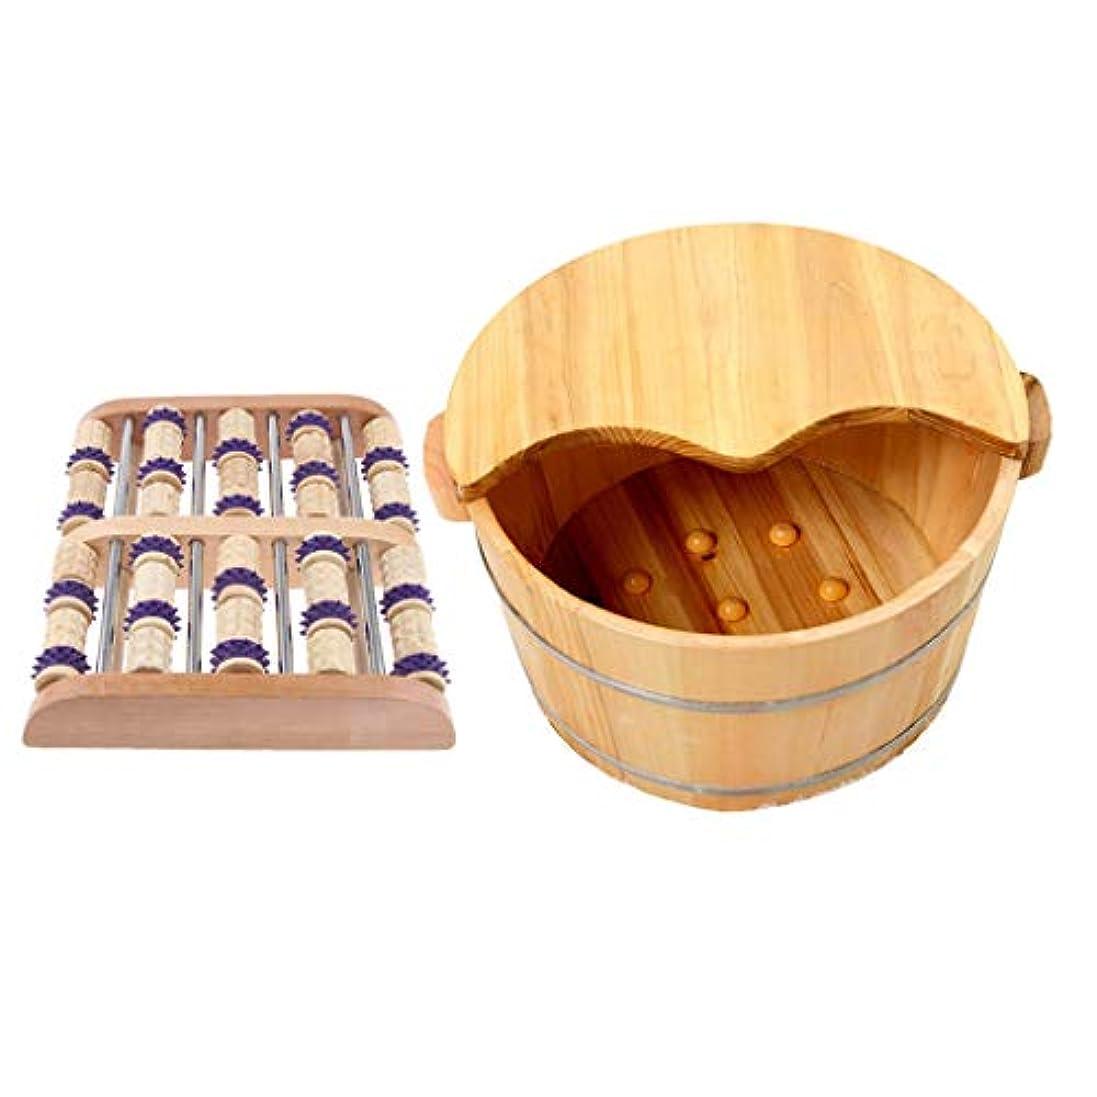 困惑するアクセシブル減るD DOLITY ウッド足つぼマッサージ ローラー 手作り フットマッサー 木製の足の洗面台付き 足裏 ツボ押し